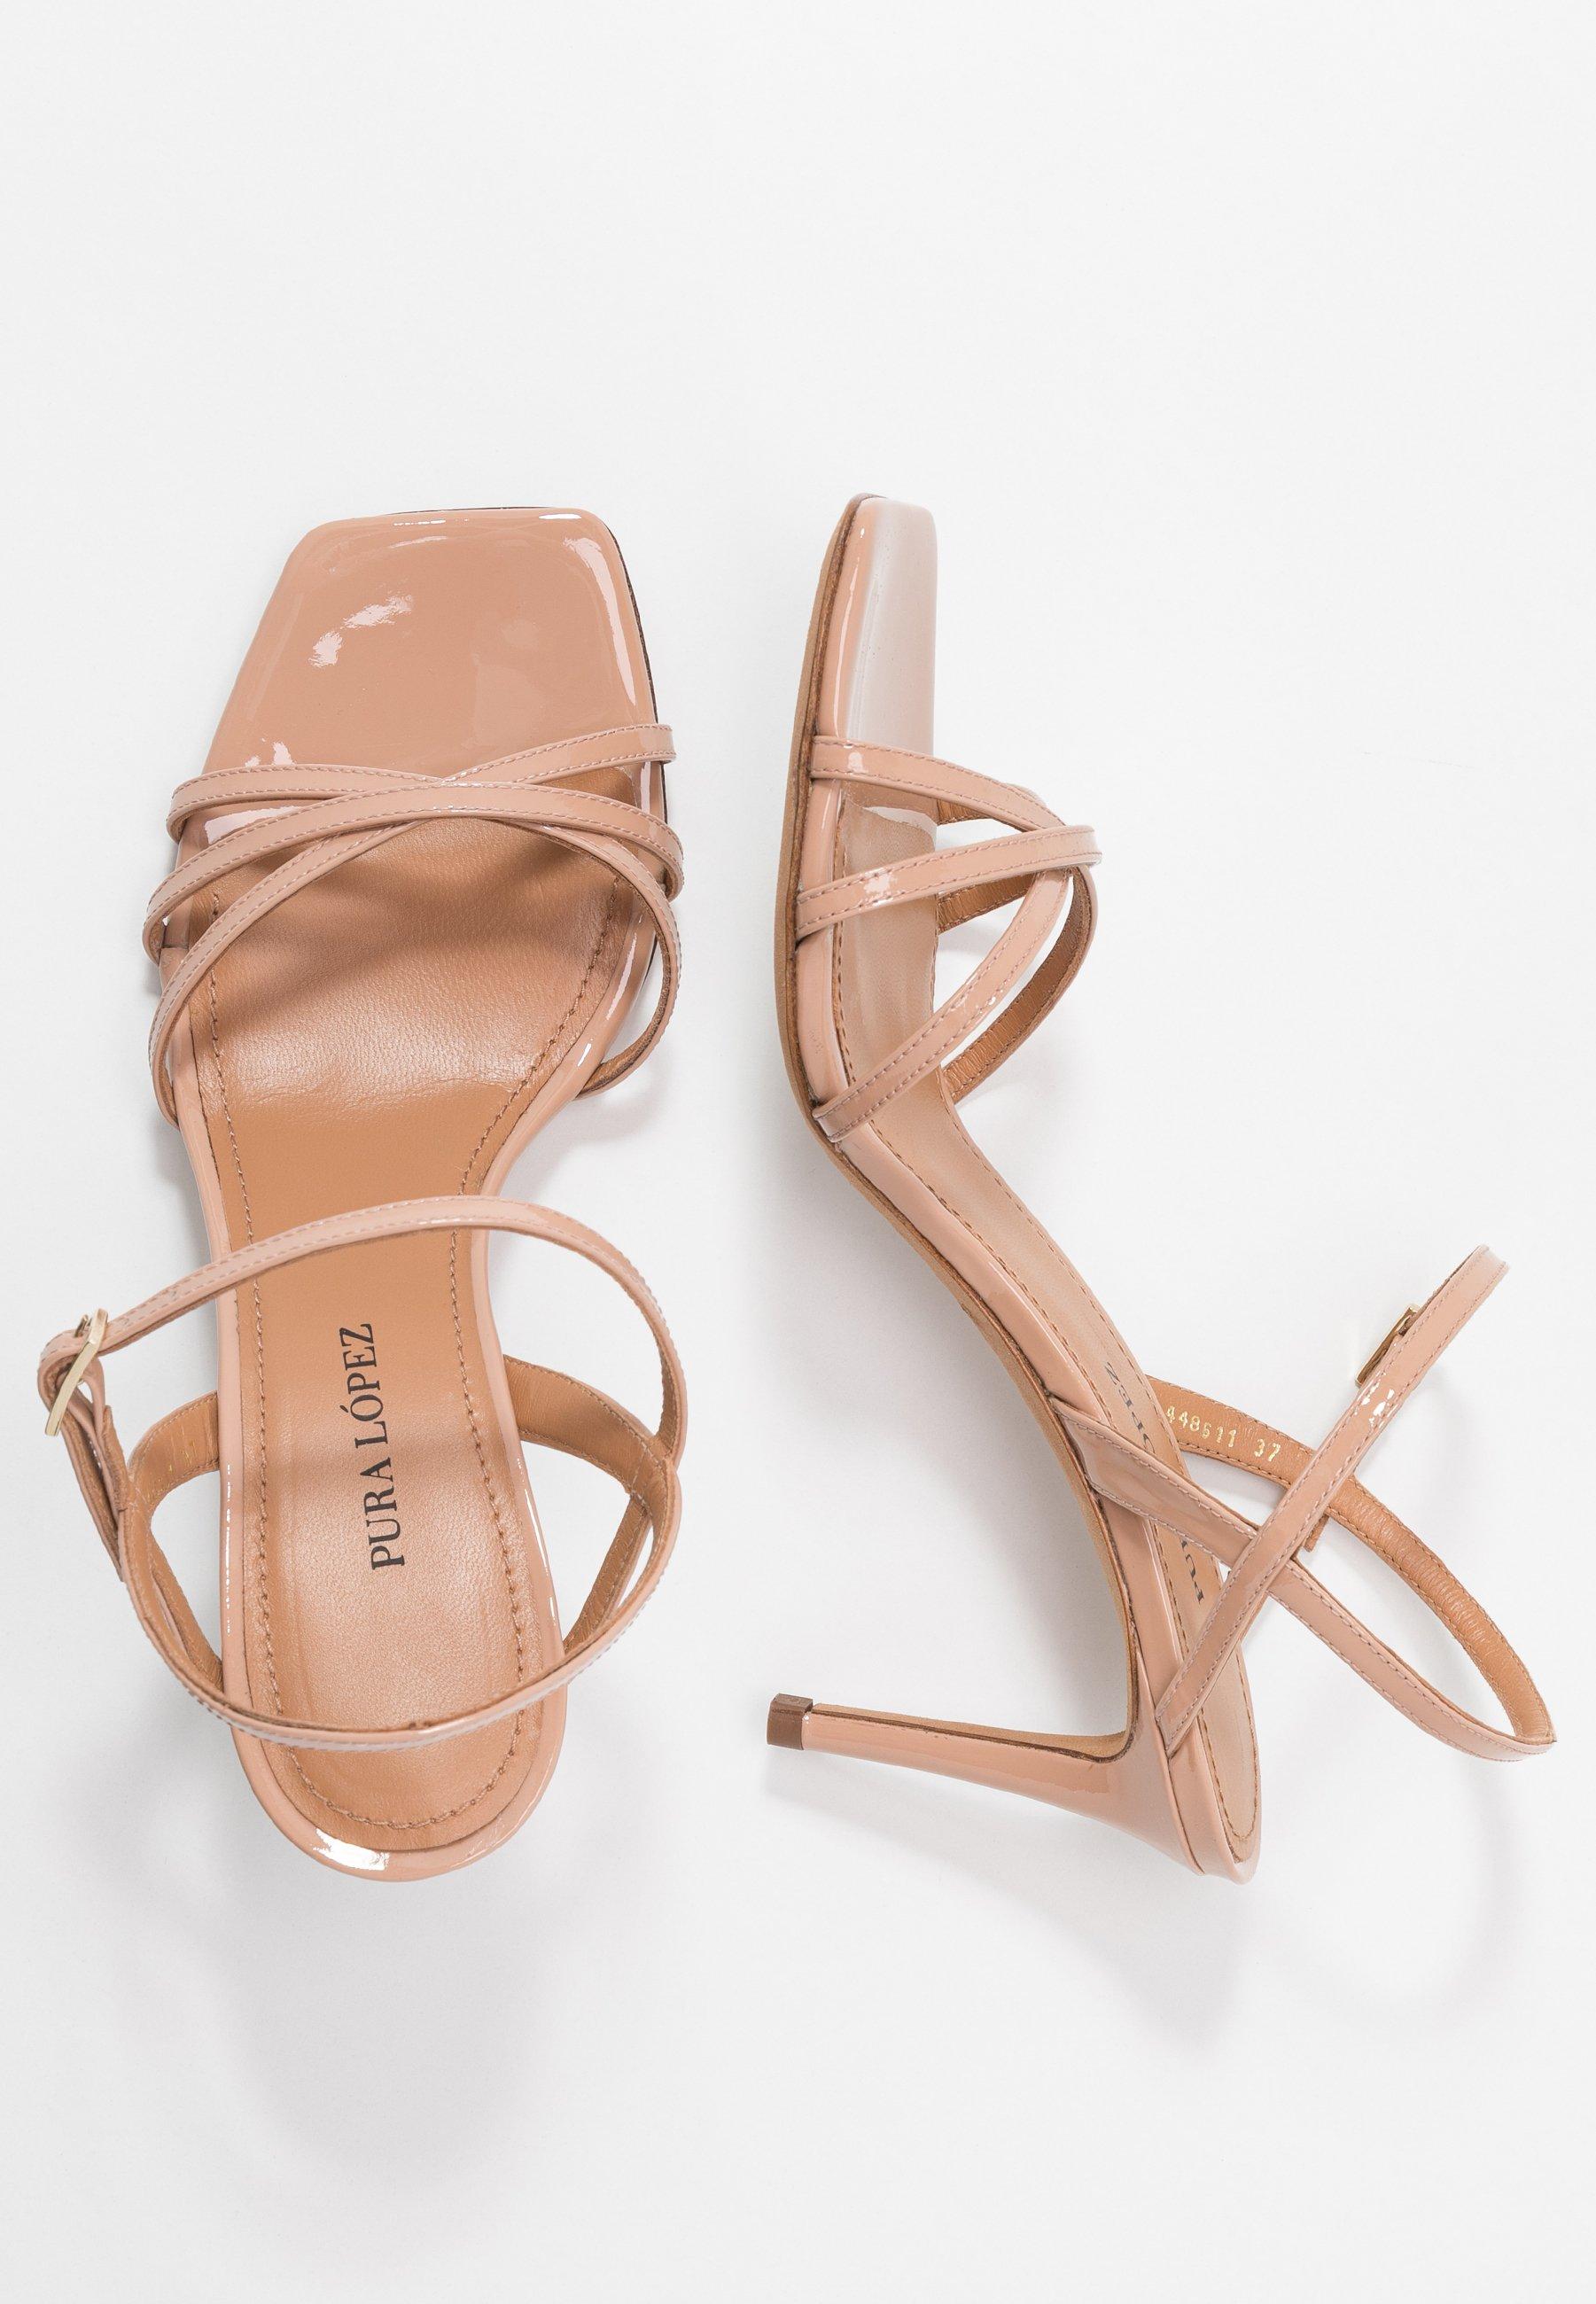 Pura Lopez Højhælede Sandaletter / Sandaler - Nude